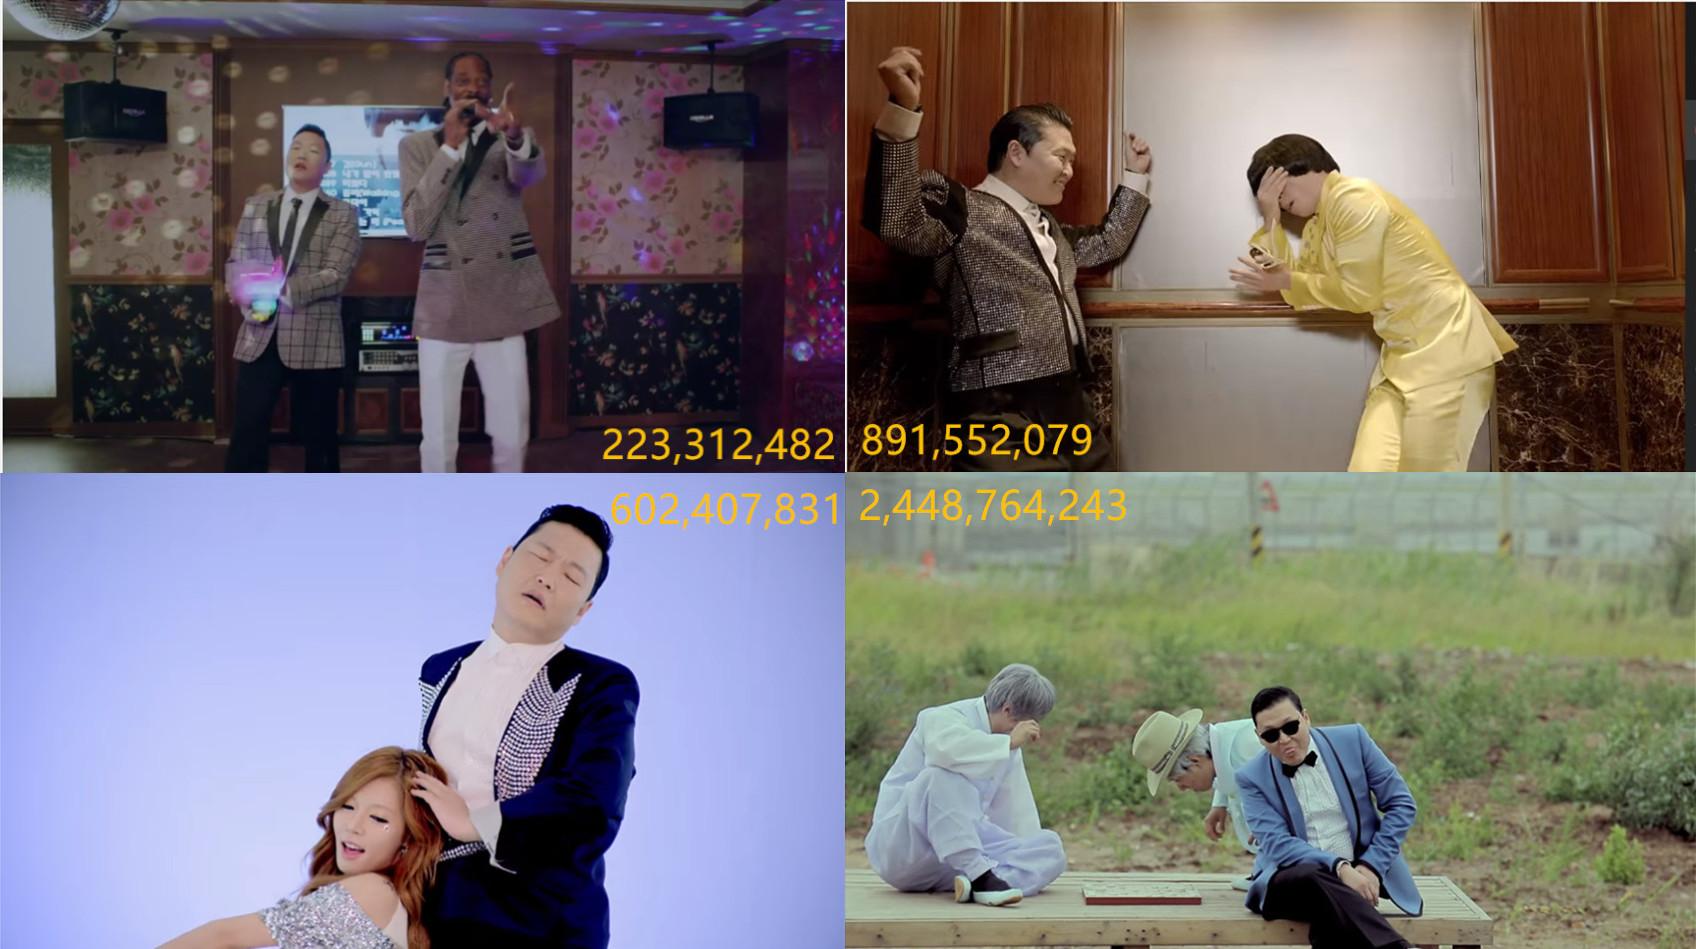 前四名又是另外一個層次了!全由「世界巨星」PSY包辦,而且最低是2億次起跳的《Hangover》,最高是24億點閱率的《江南Style》,也是至今Youtube史上最高點閱的影片!